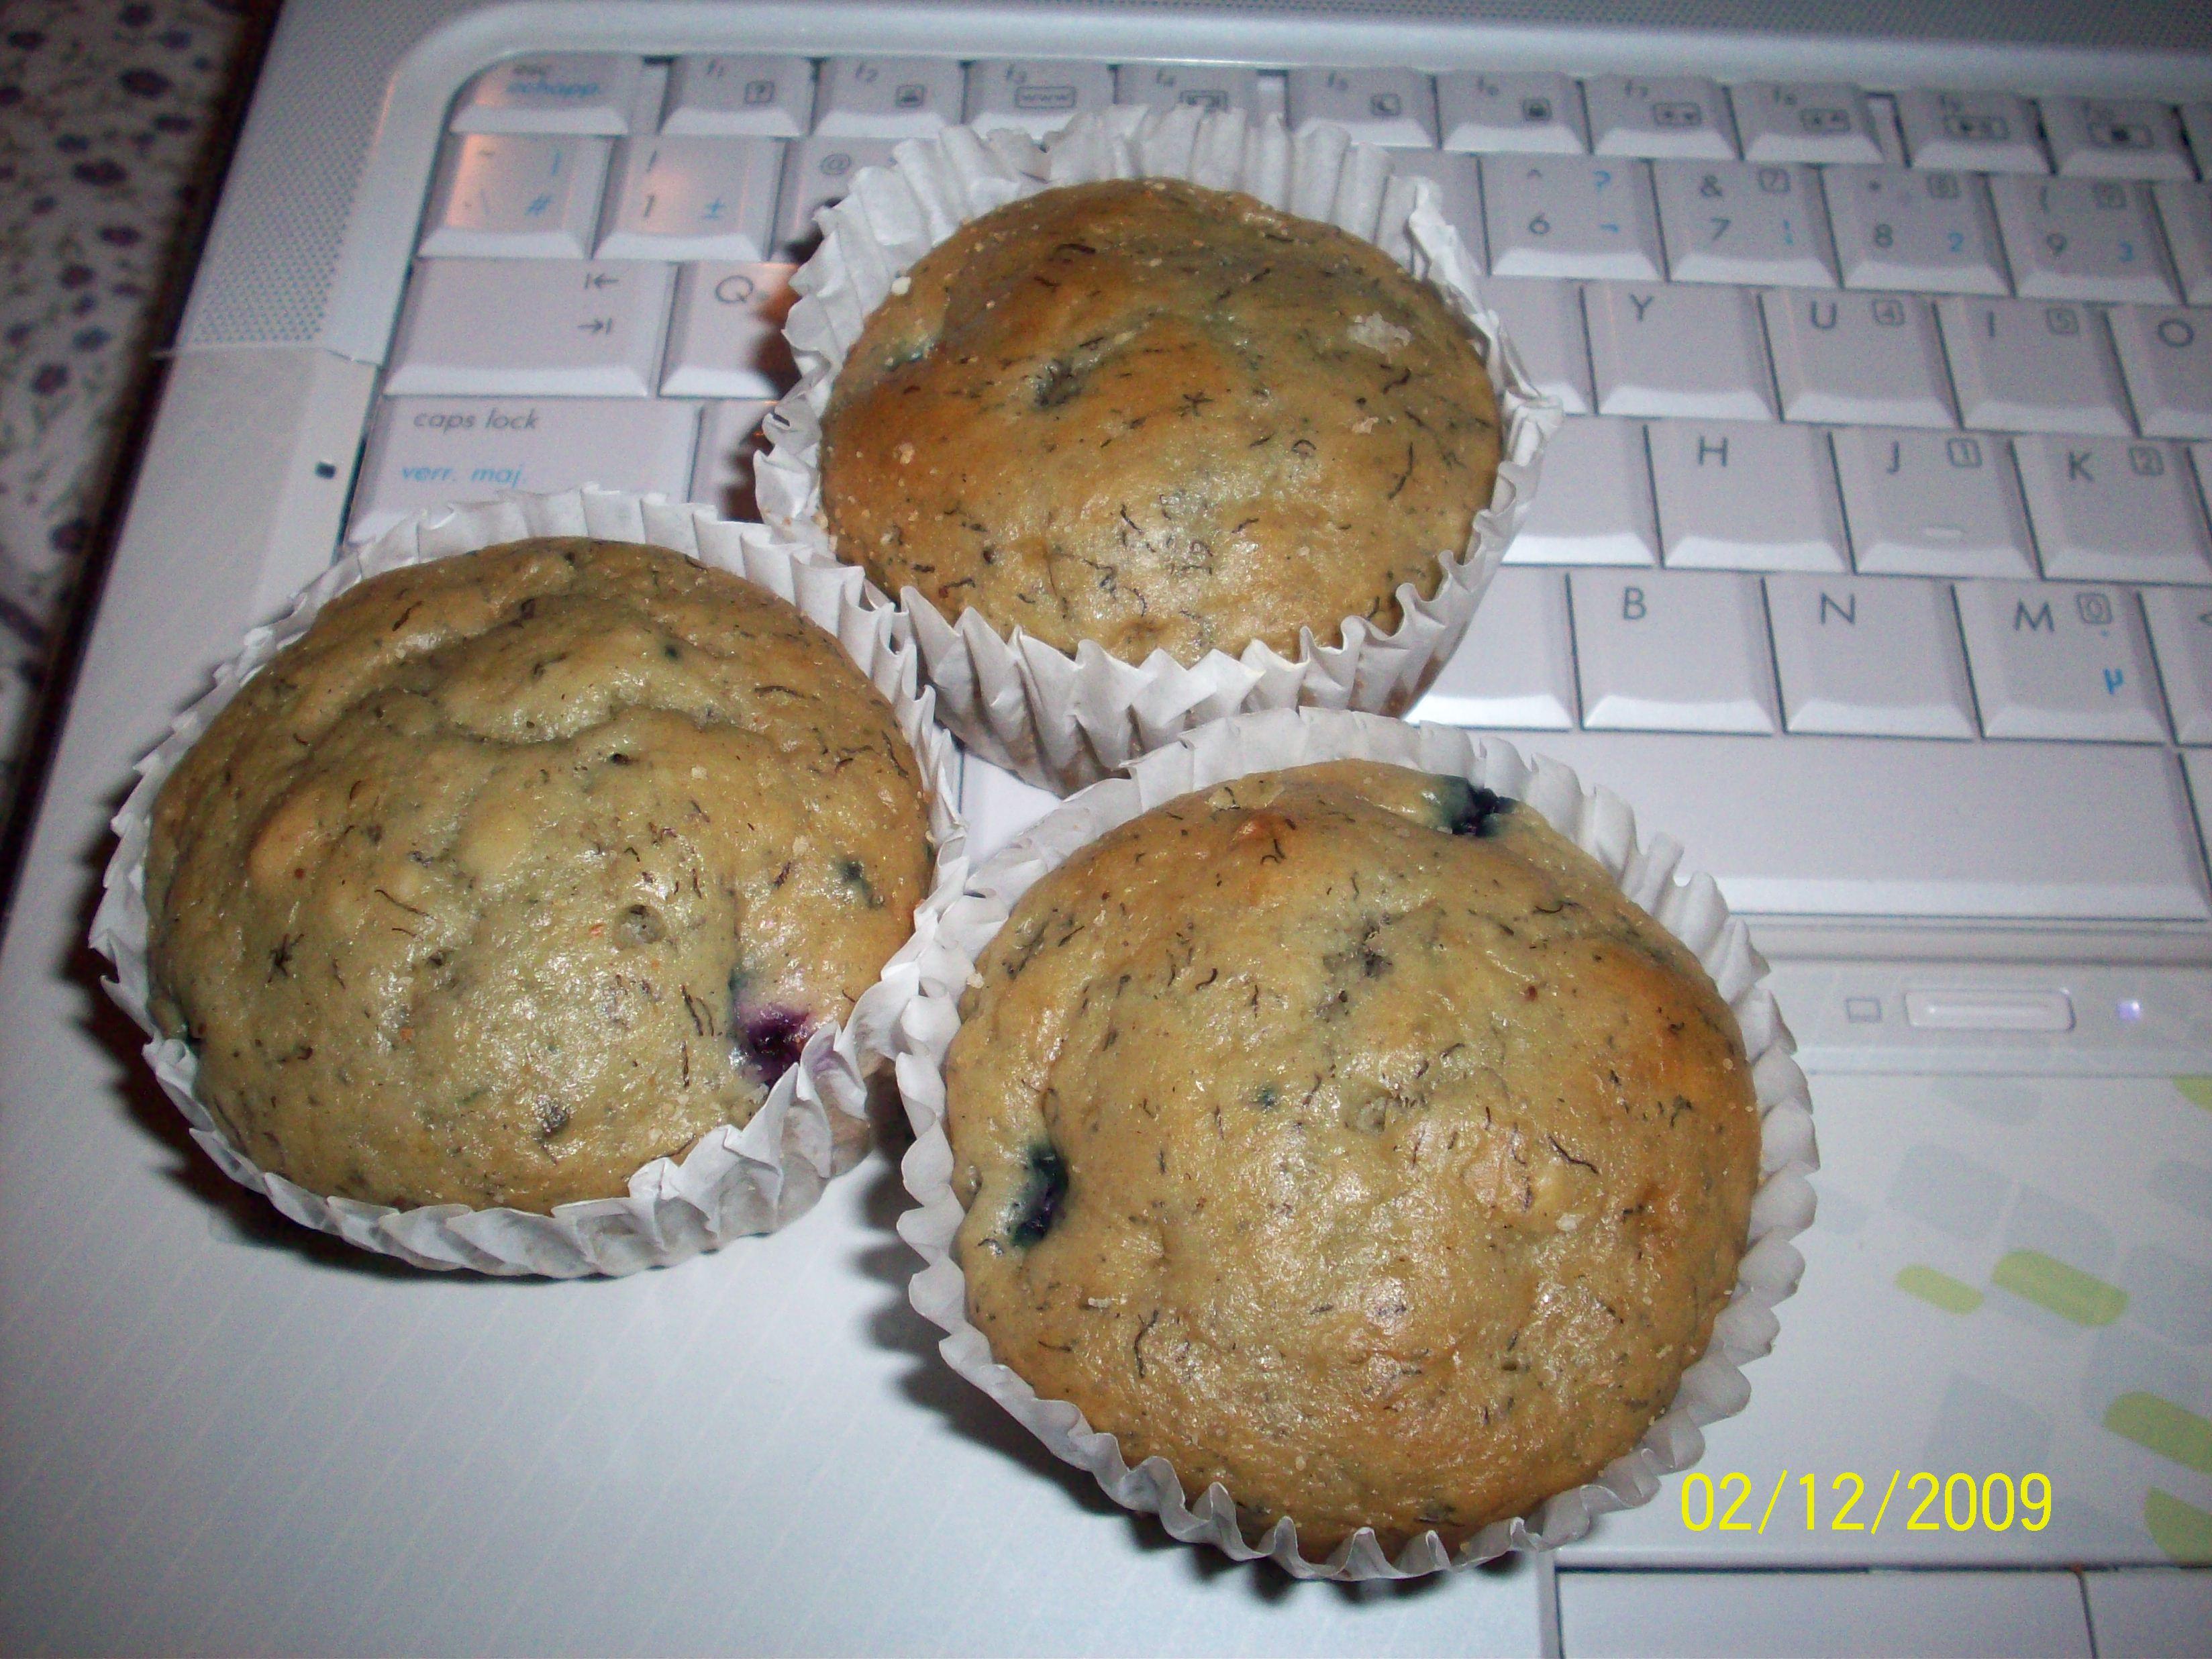 https://foodloader.net/cutie_2009-12-02_Banana_Blueberry_Cupcakes.jpg